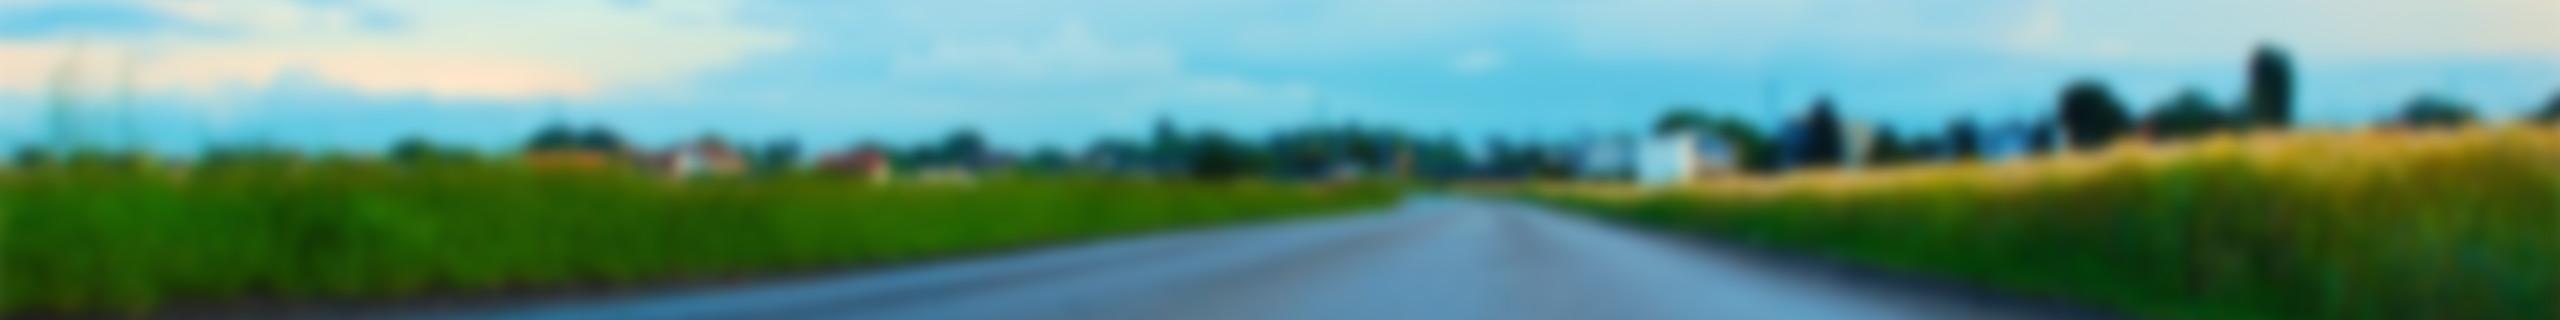 Image Result For Autogara Transbus Codreanu